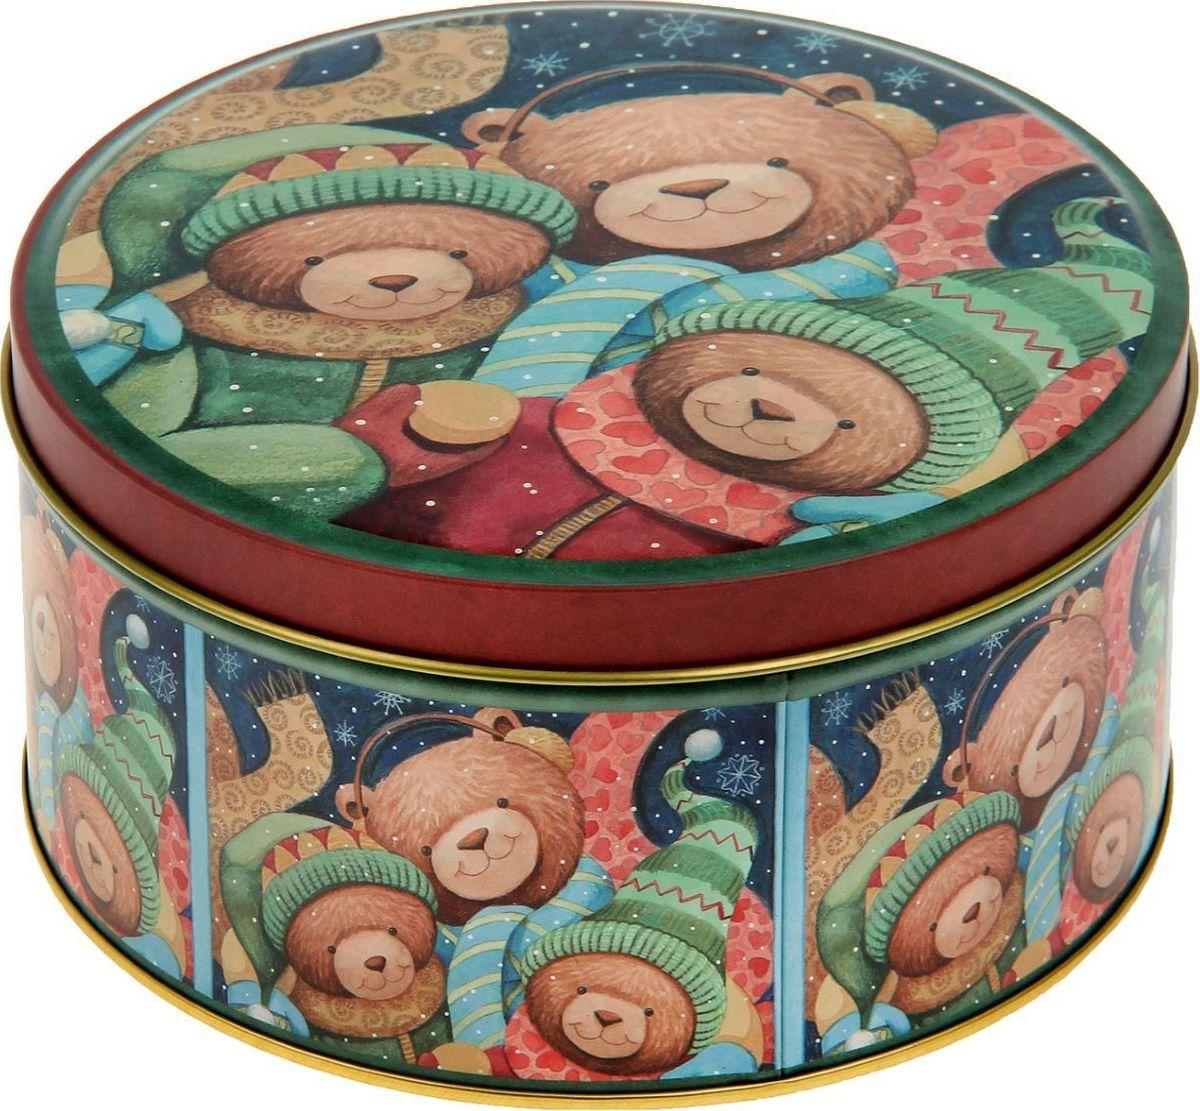 Шкатулка Sima-land Мишки, цвет: светло-коричневый, 7 х 13,5 х 13,5 см2266321Шкатулка — это небольшой сувенир, а также оригинальная упаковка подарка. Она дополнит интерьер спальни, гостиной или прихожей. Изделие предназначено для хранения украшений: колец, браслетов, часов, цепочек, колье, сережек и прочих предметов.